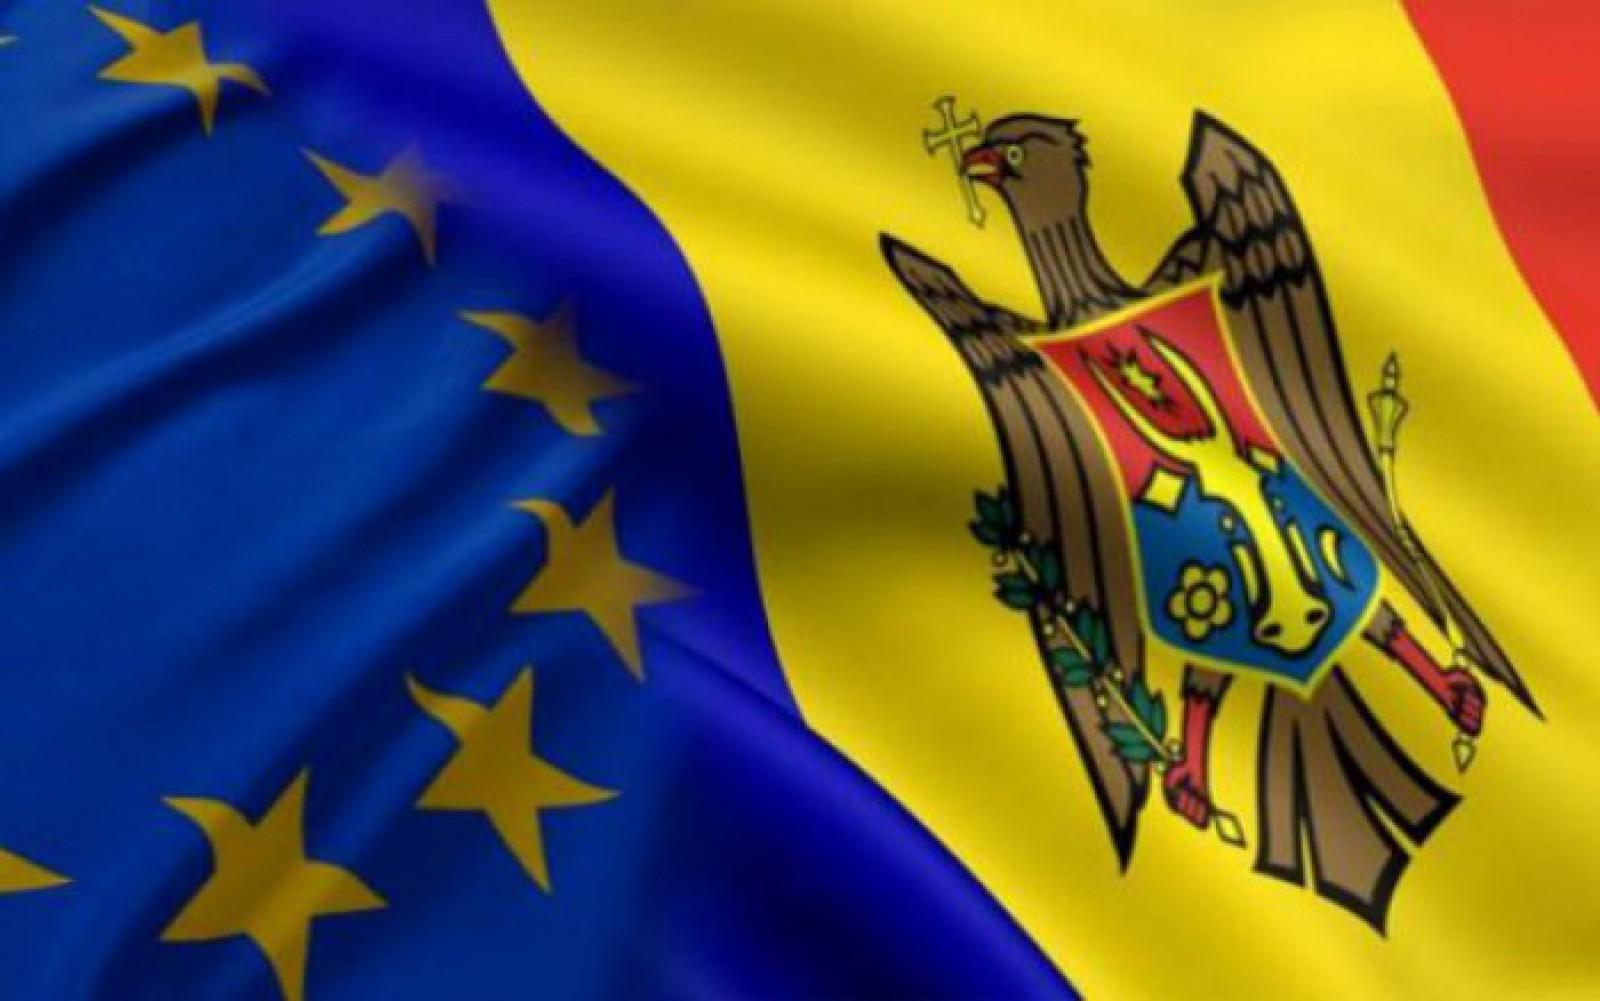 Integrarea Moldovei în UE, între ciocan și nicovală: Câte procente din populație susține aderarea la Uniunea Europeană